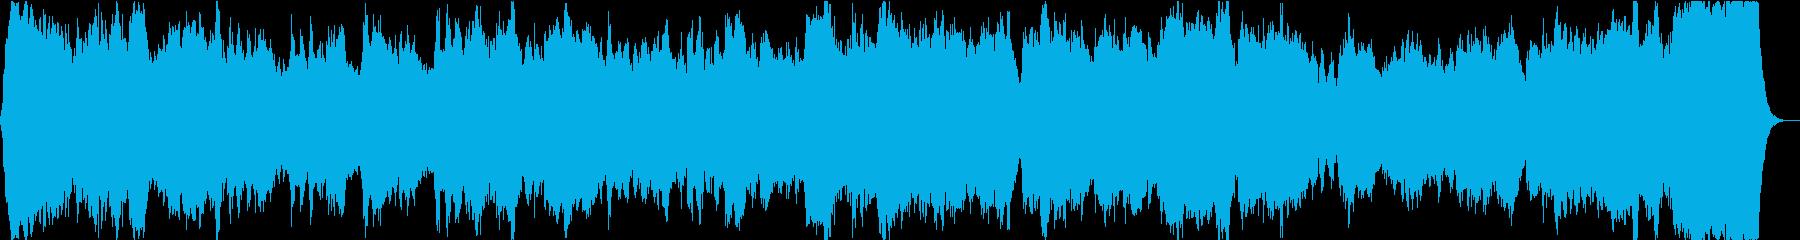 バロックなパイプオルガン曲の再生済みの波形